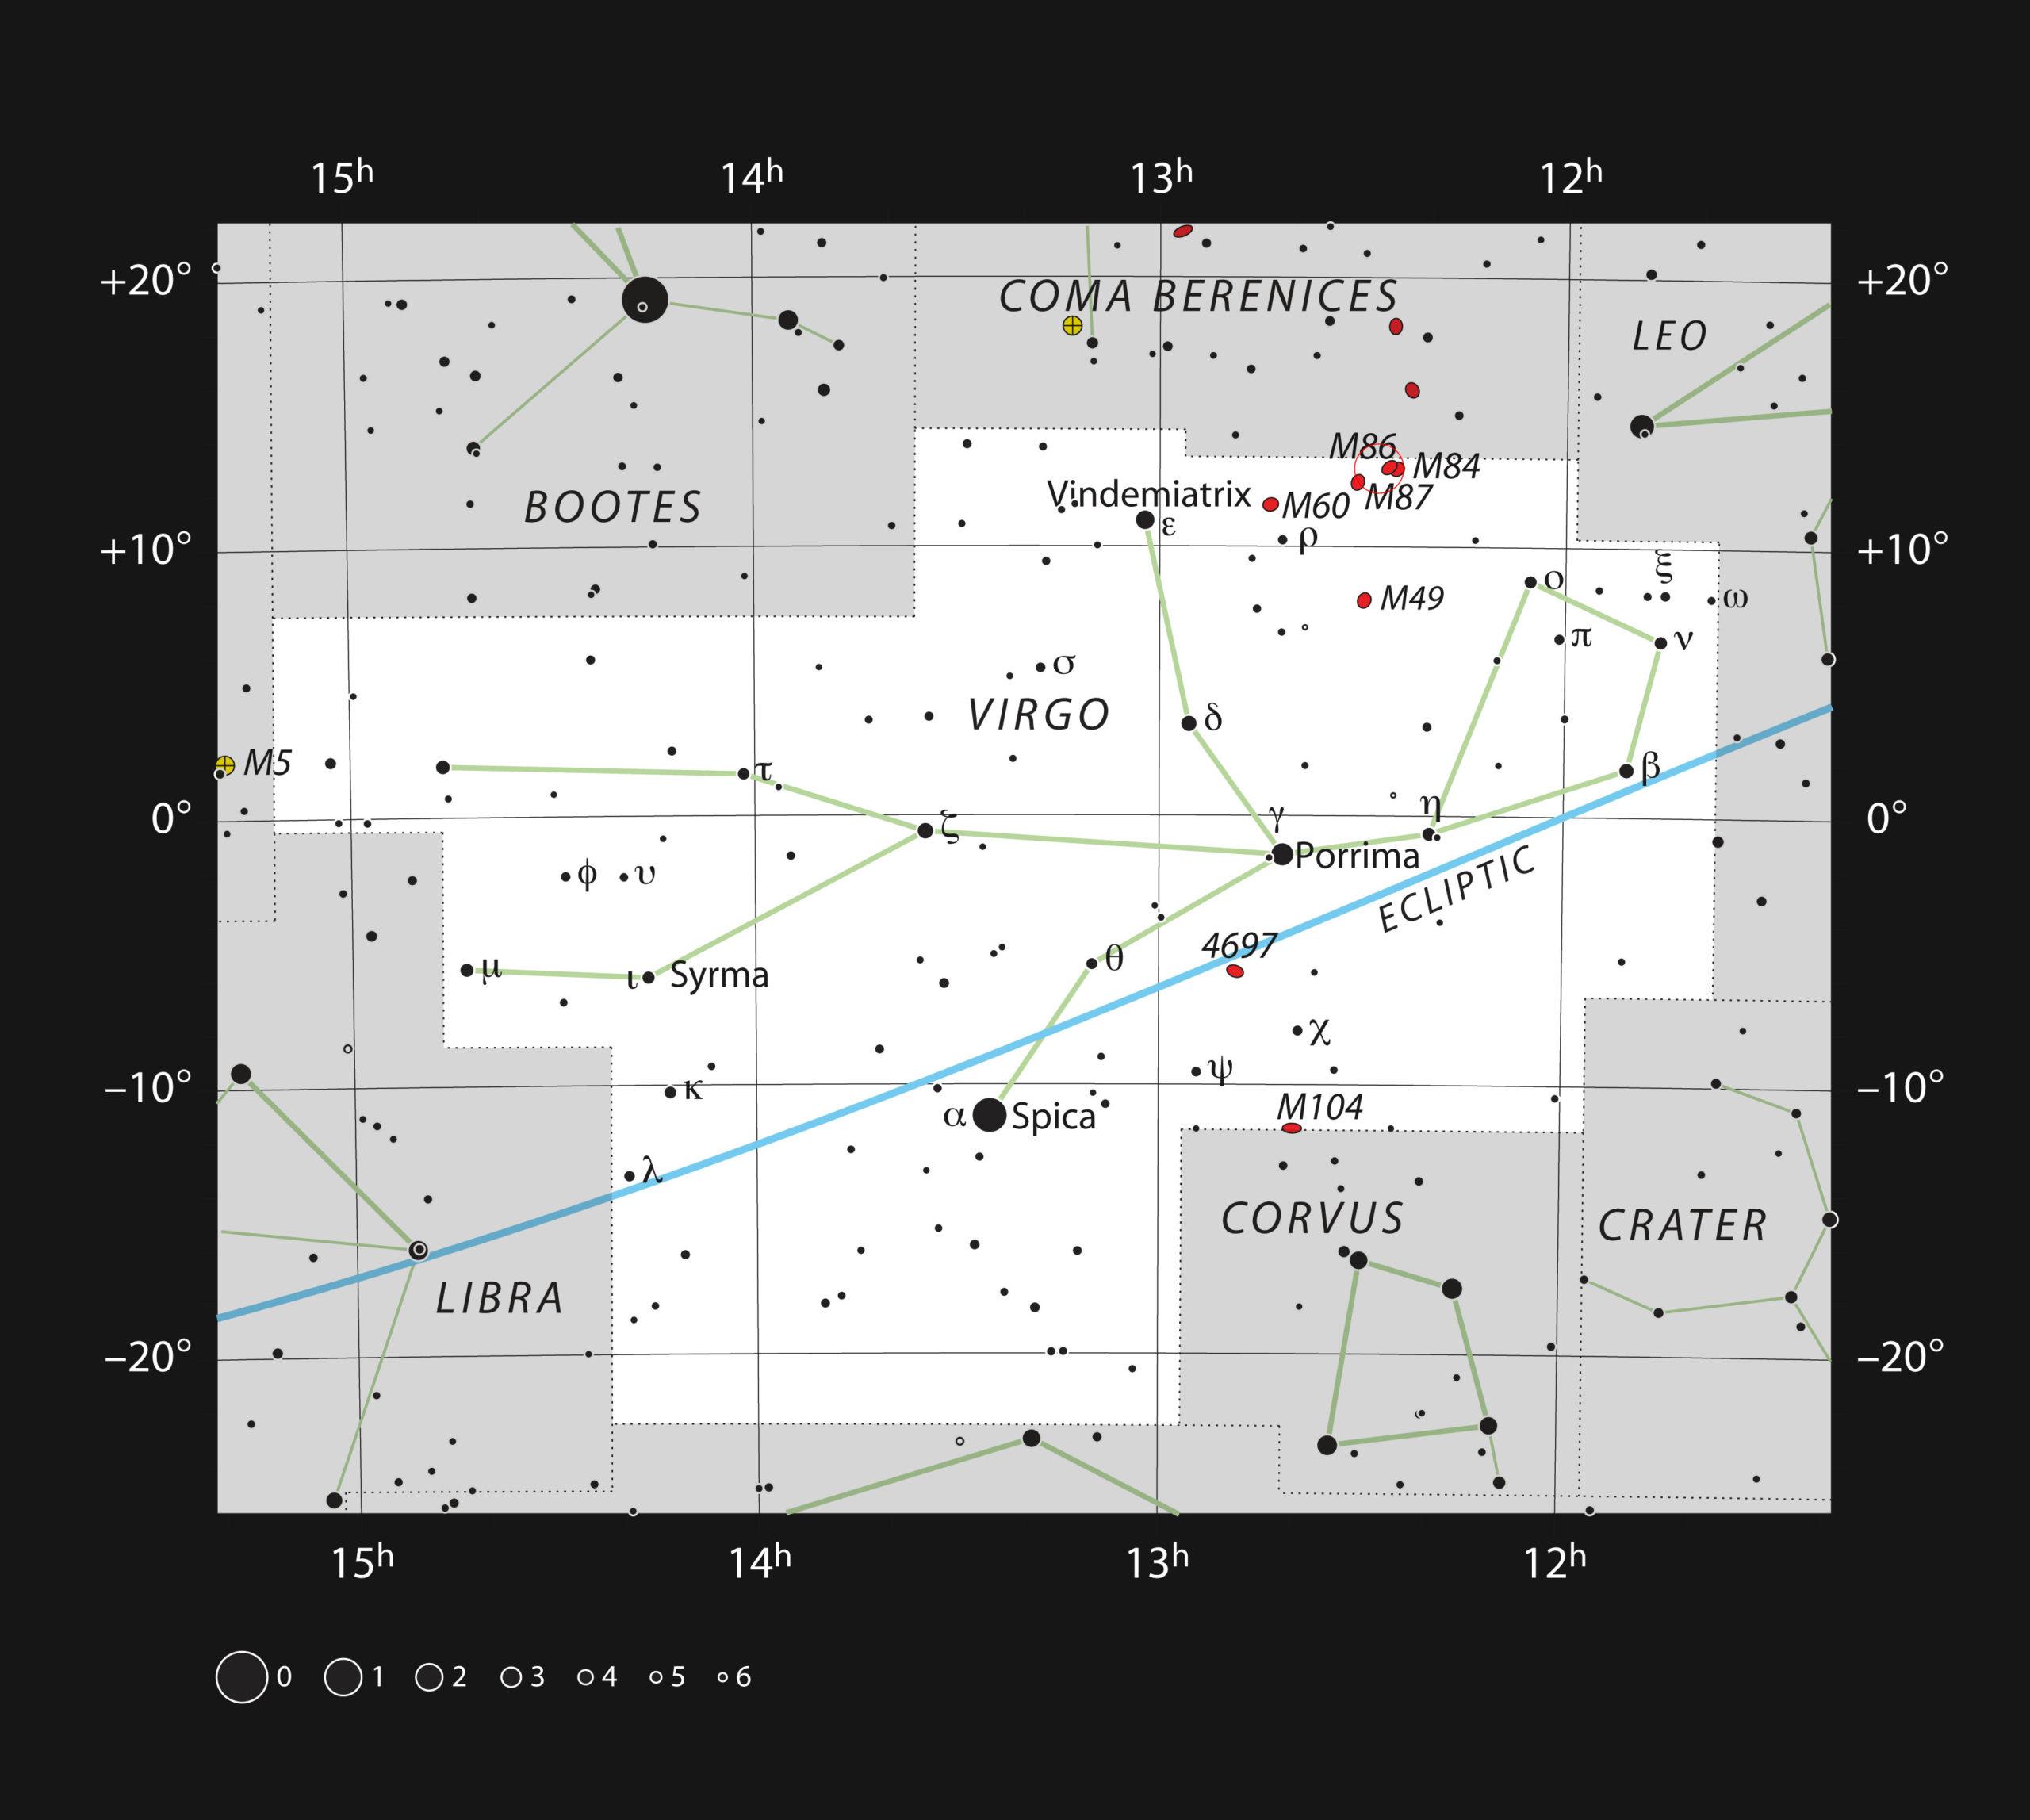 Este gráfico muestra la posición de la galaxia gigante Messier 87 en la constelación de Virgo (La Virgen). El mapa muestra la mayoría de las estrellas visibles a simple vista bajo buenas condiciones de observación. Crédito: ESO, IAU and Sky & Telescope